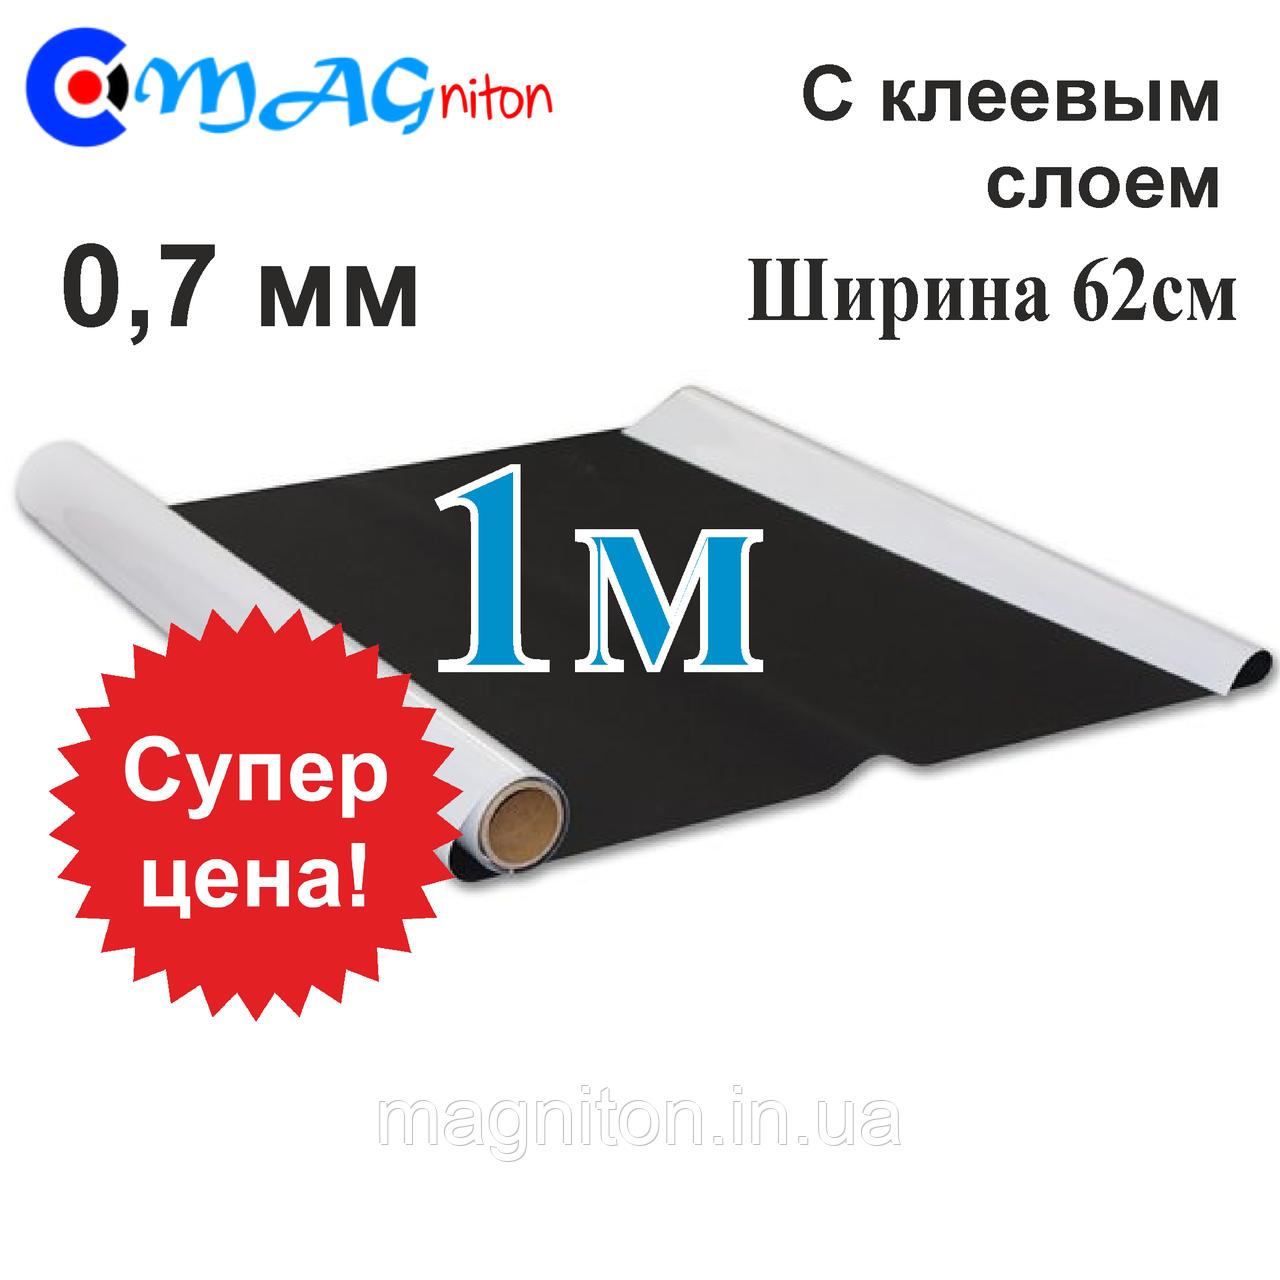 Магнитный винил 1м с клеевым слоем 0,7 мм